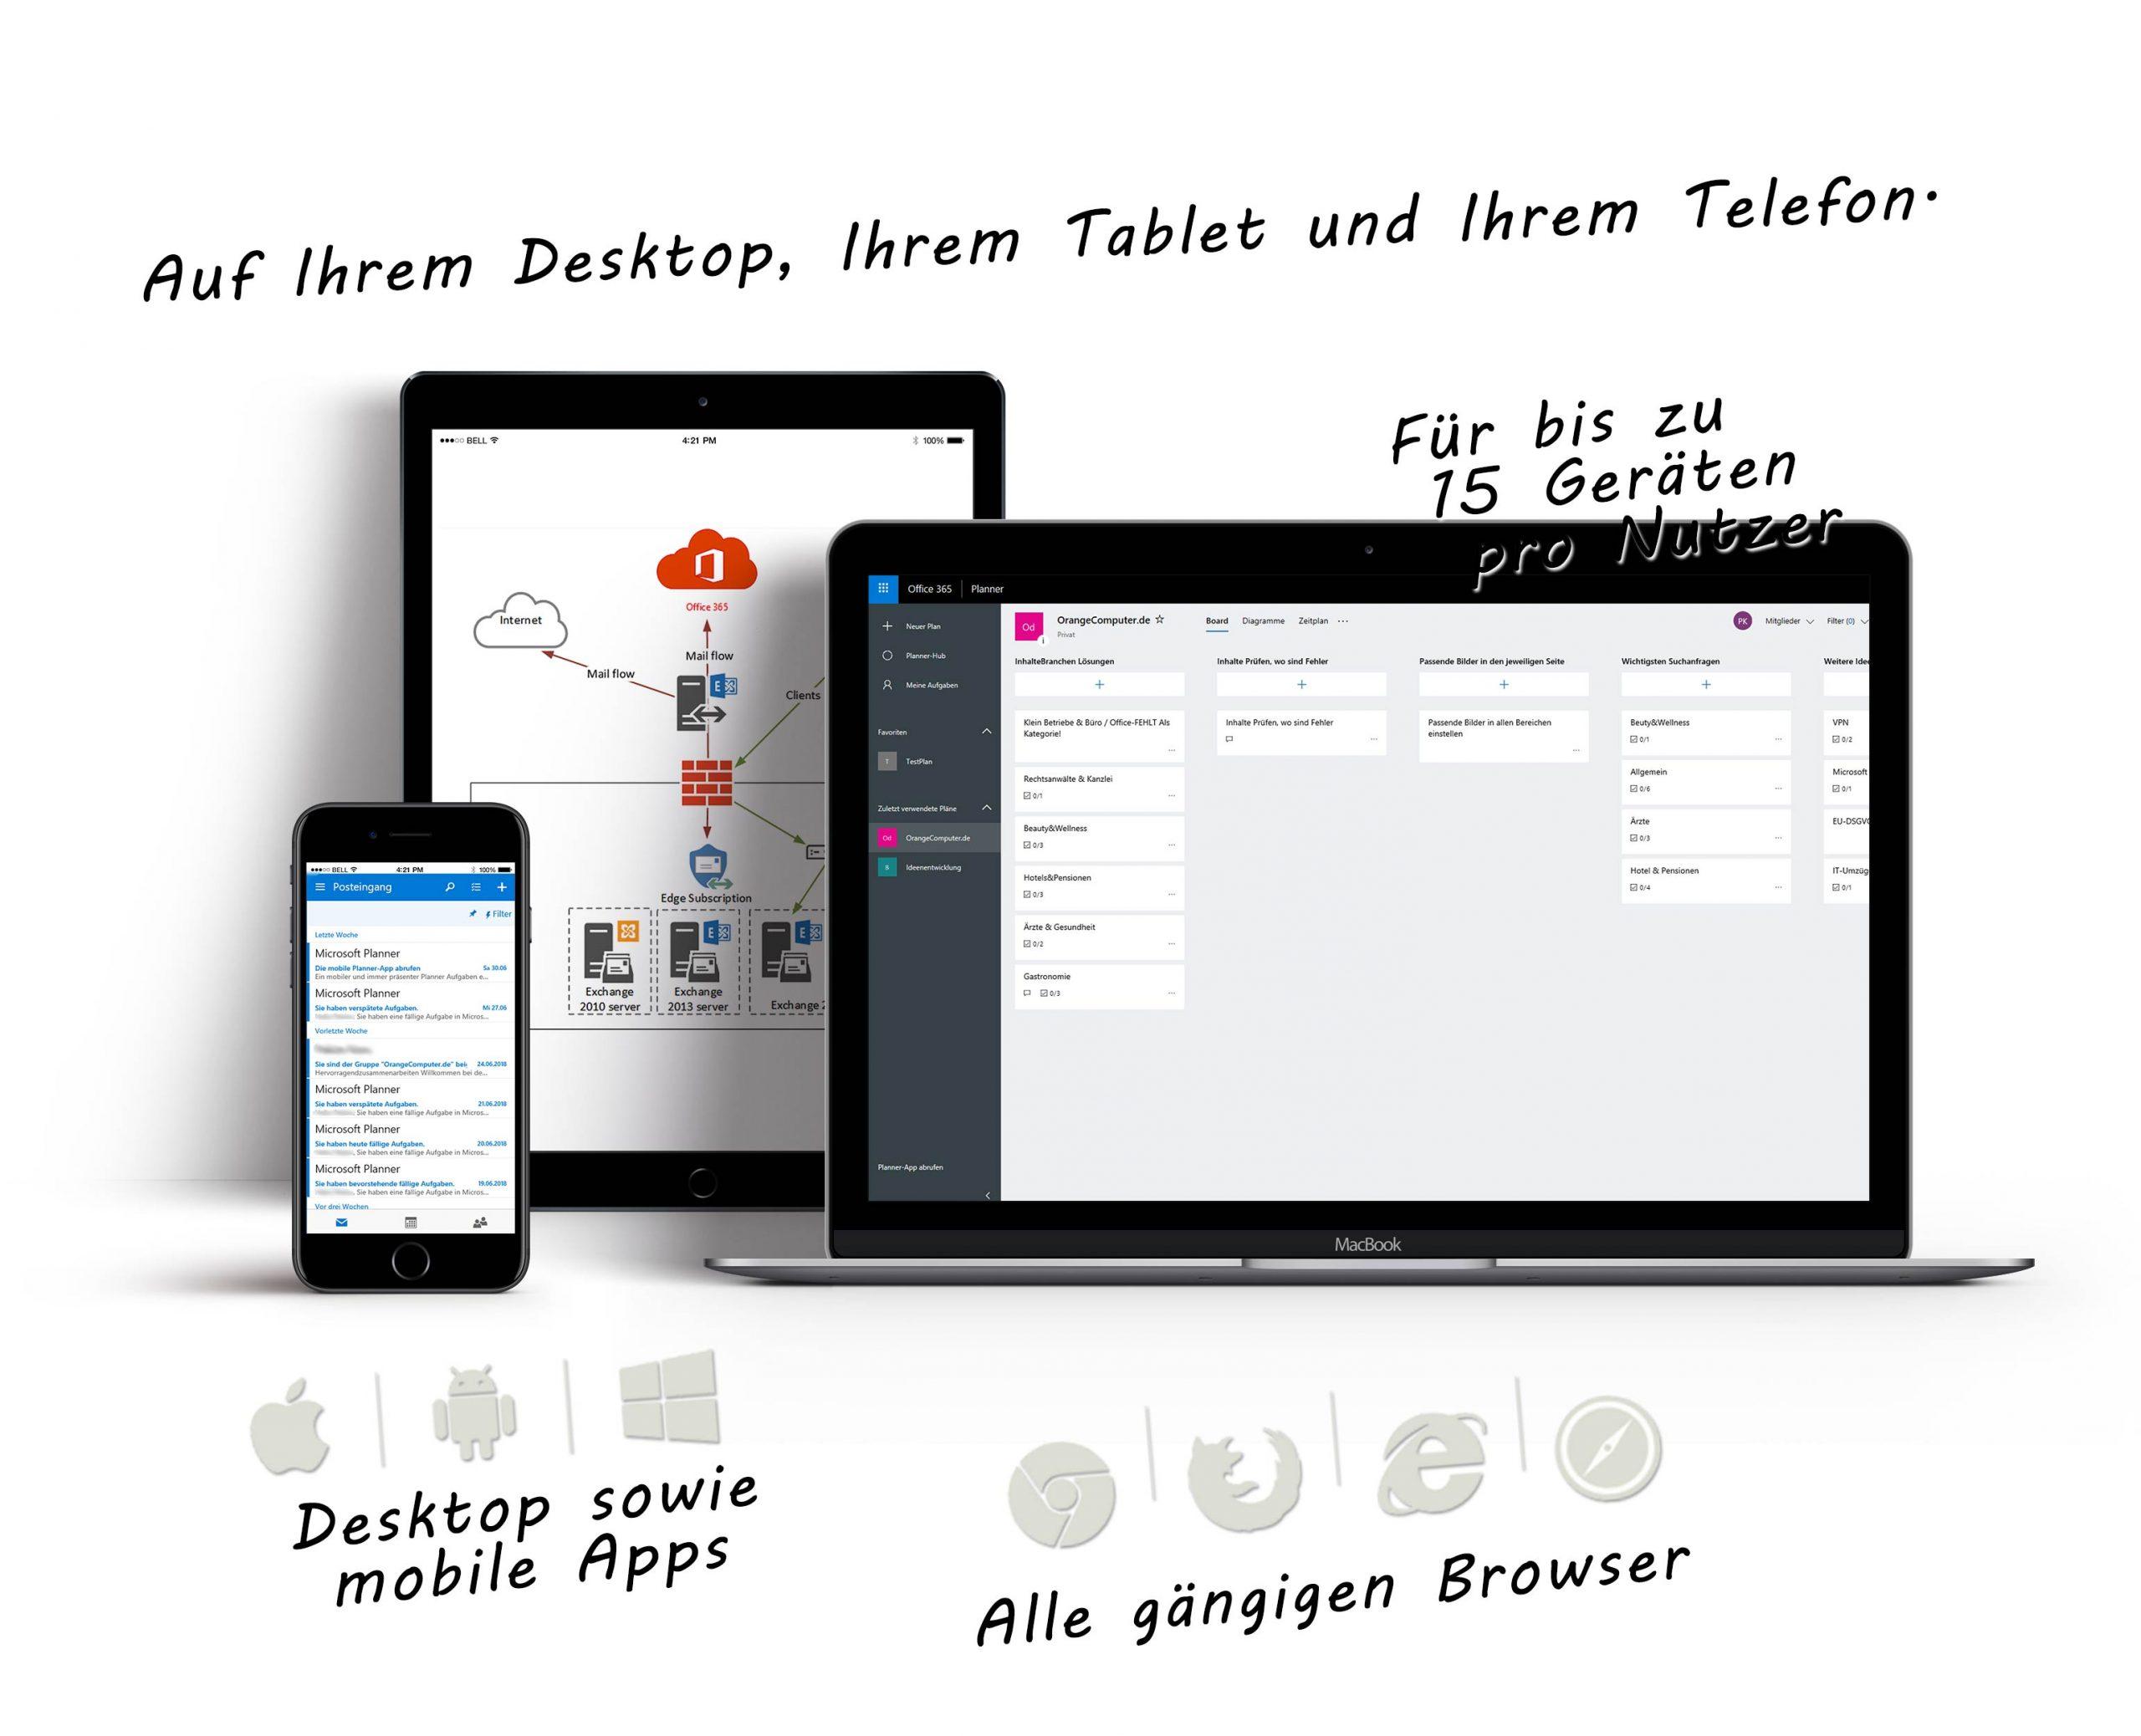 Office365-Pro-Lizenzen-15-Geraeten-Online-Unternehmen-Lokal-Arbeiten-Online-Muenchen-EDV-OrangeComputer.de